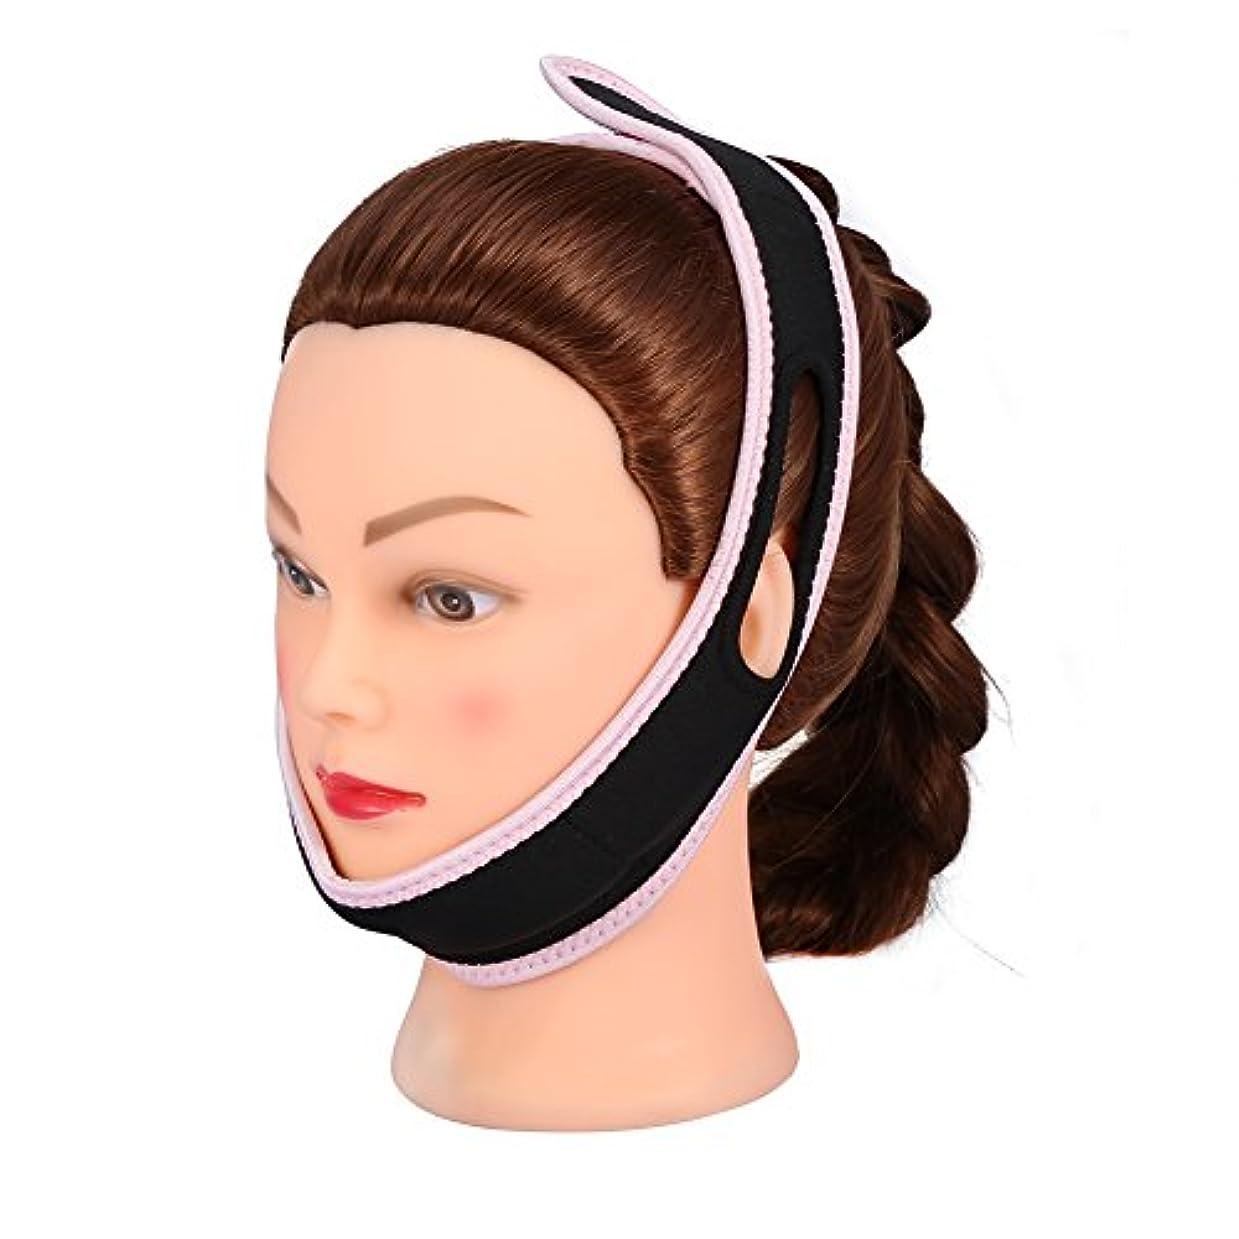 贅沢忍耐待って顔の包帯フェイシャルスリミングマスクナイロン&ポリエステルフェイスケアのための薄い首の顔リフトダブルチン女性、黒